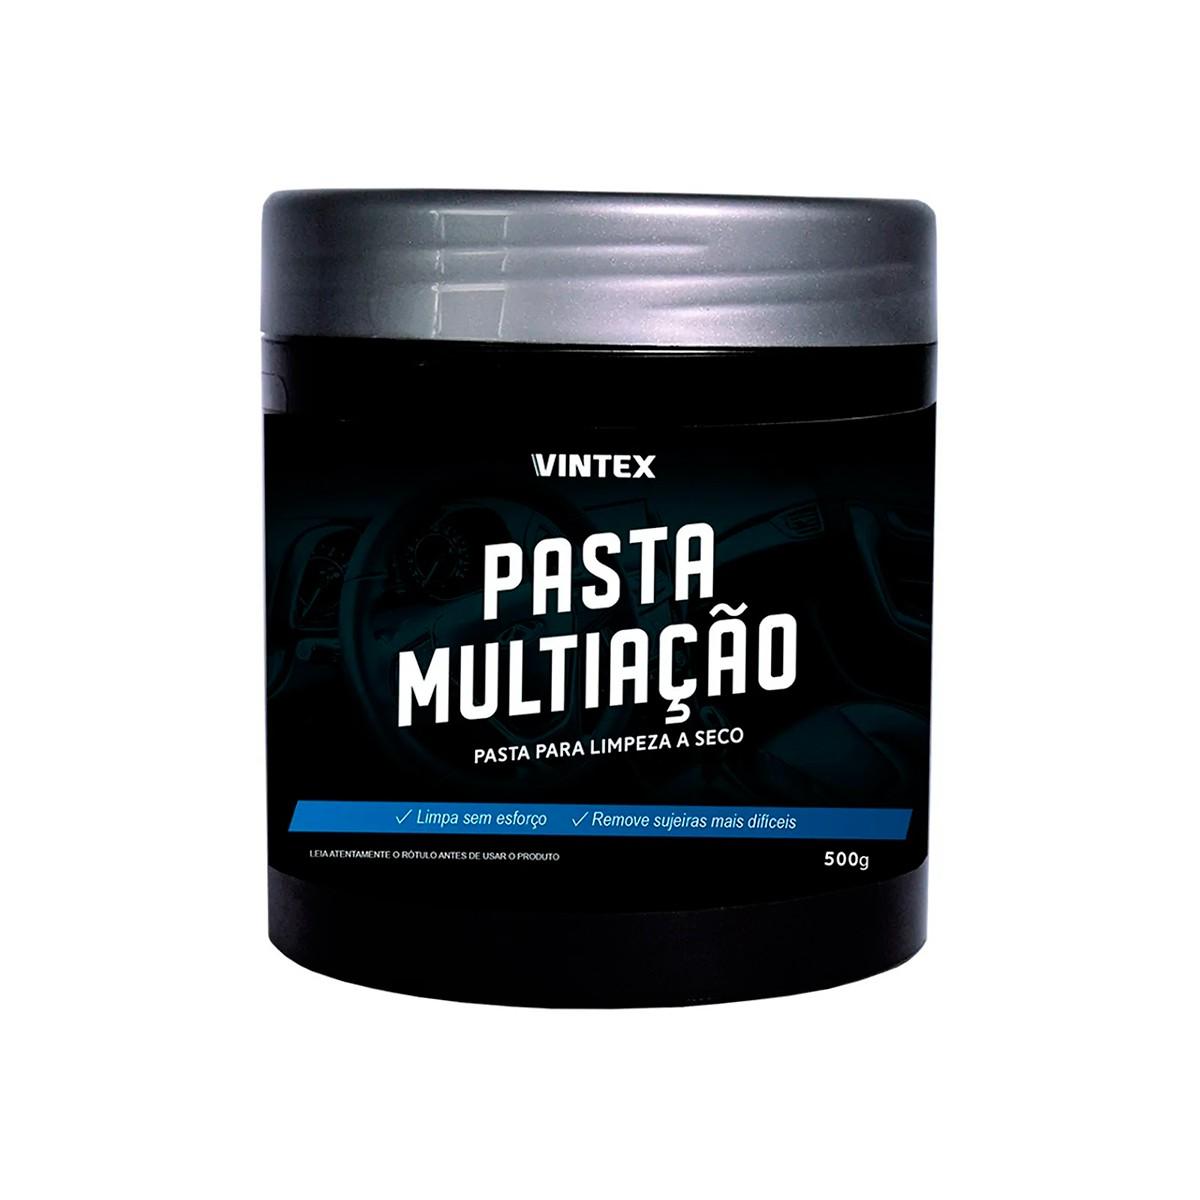 Pasta Multiação ( Limpeza a Seco) 500g - Vonixx